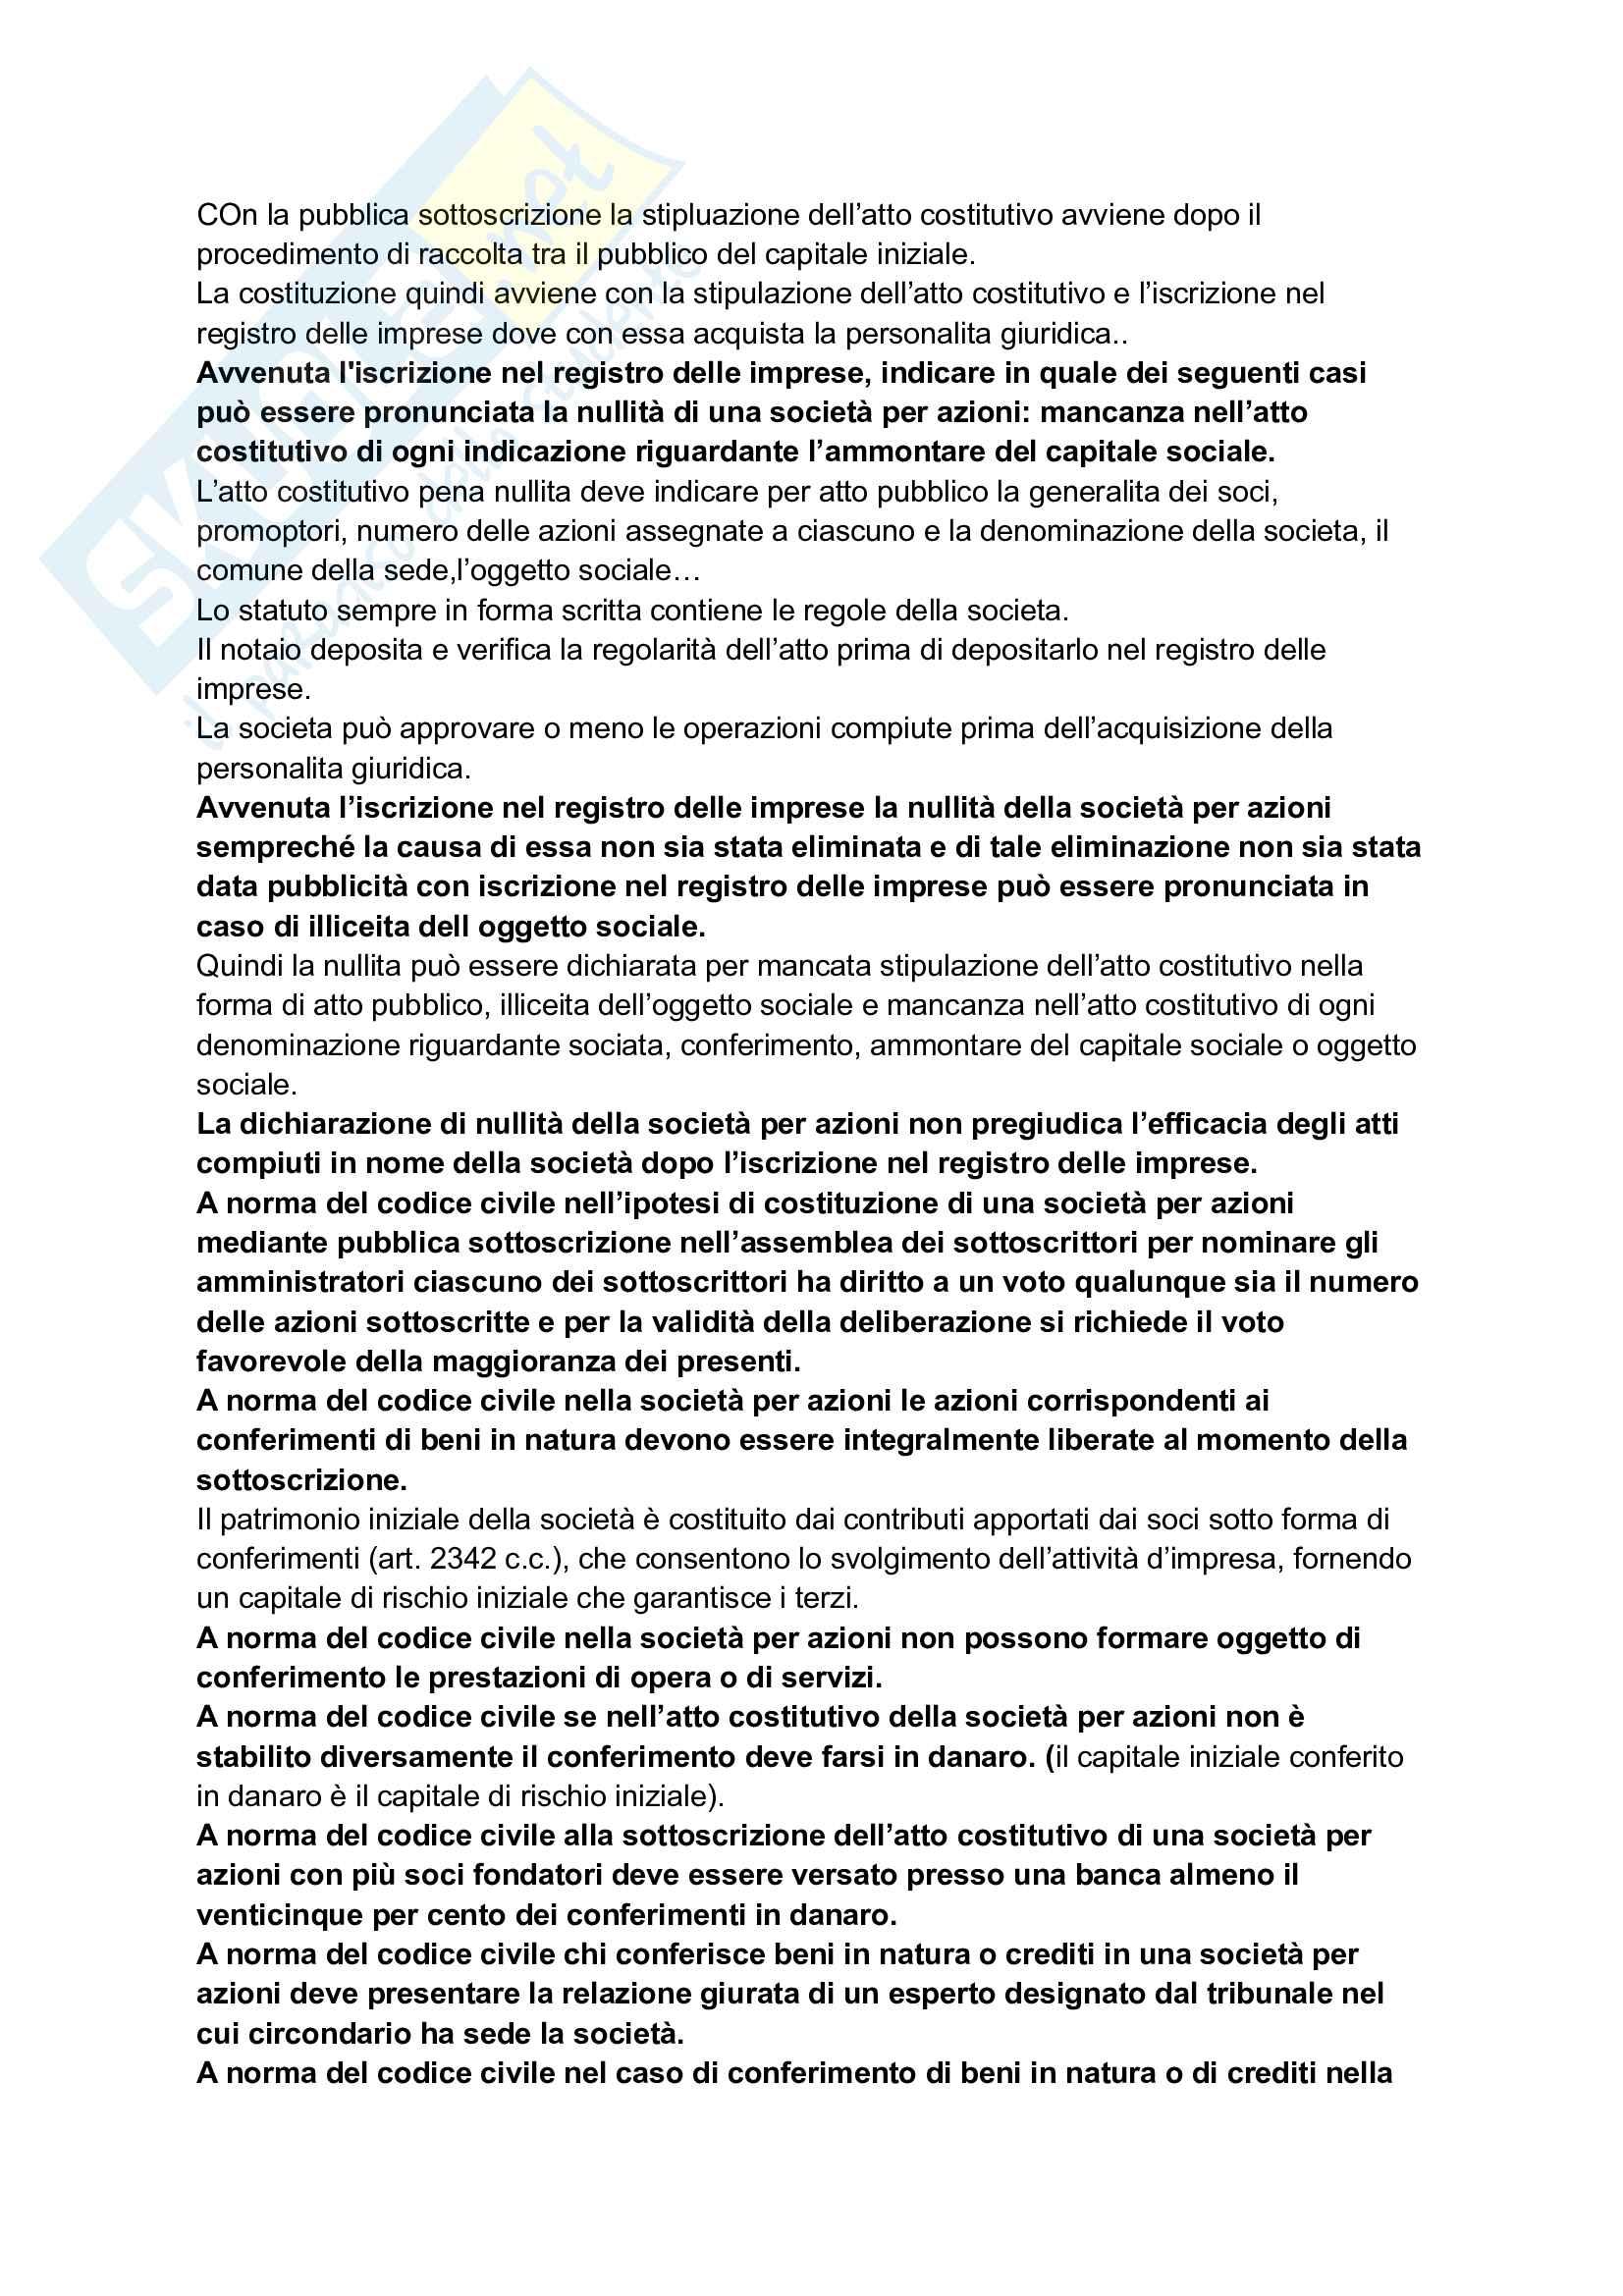 Diritto commerciale - Riassunto e Appunti Pag. 21